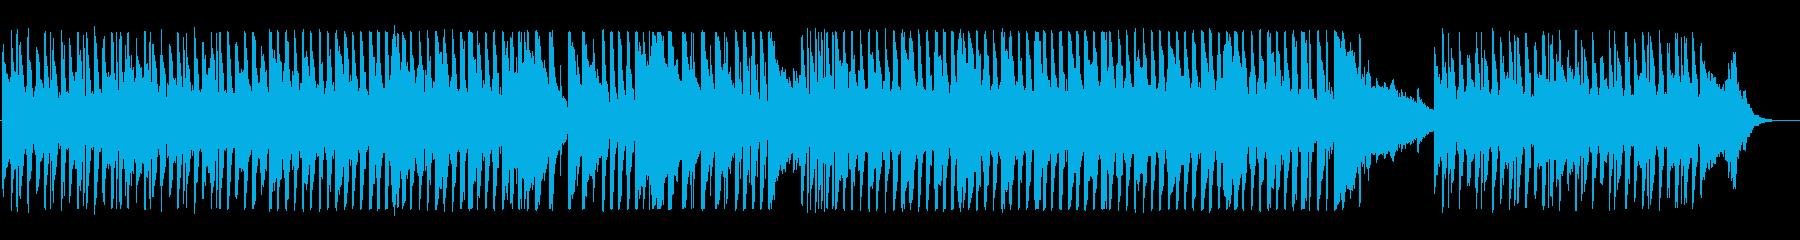 さわやかで軽快なピアノポップスの再生済みの波形